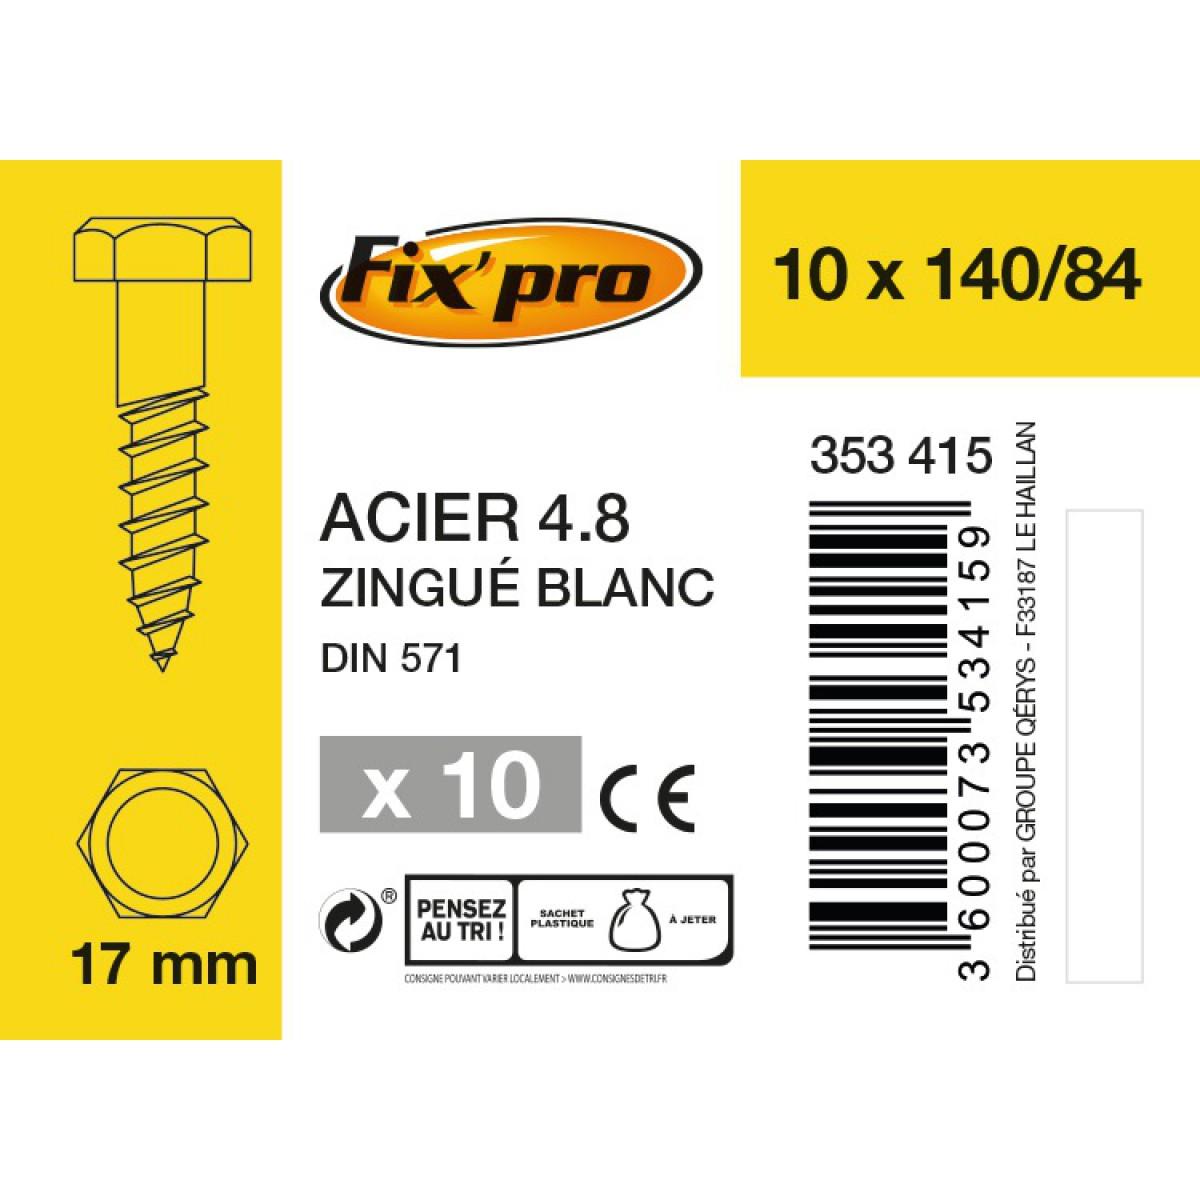 Tirefond tête hexagonale acier zingué - 10x140/84 - 10pces - Fixpro